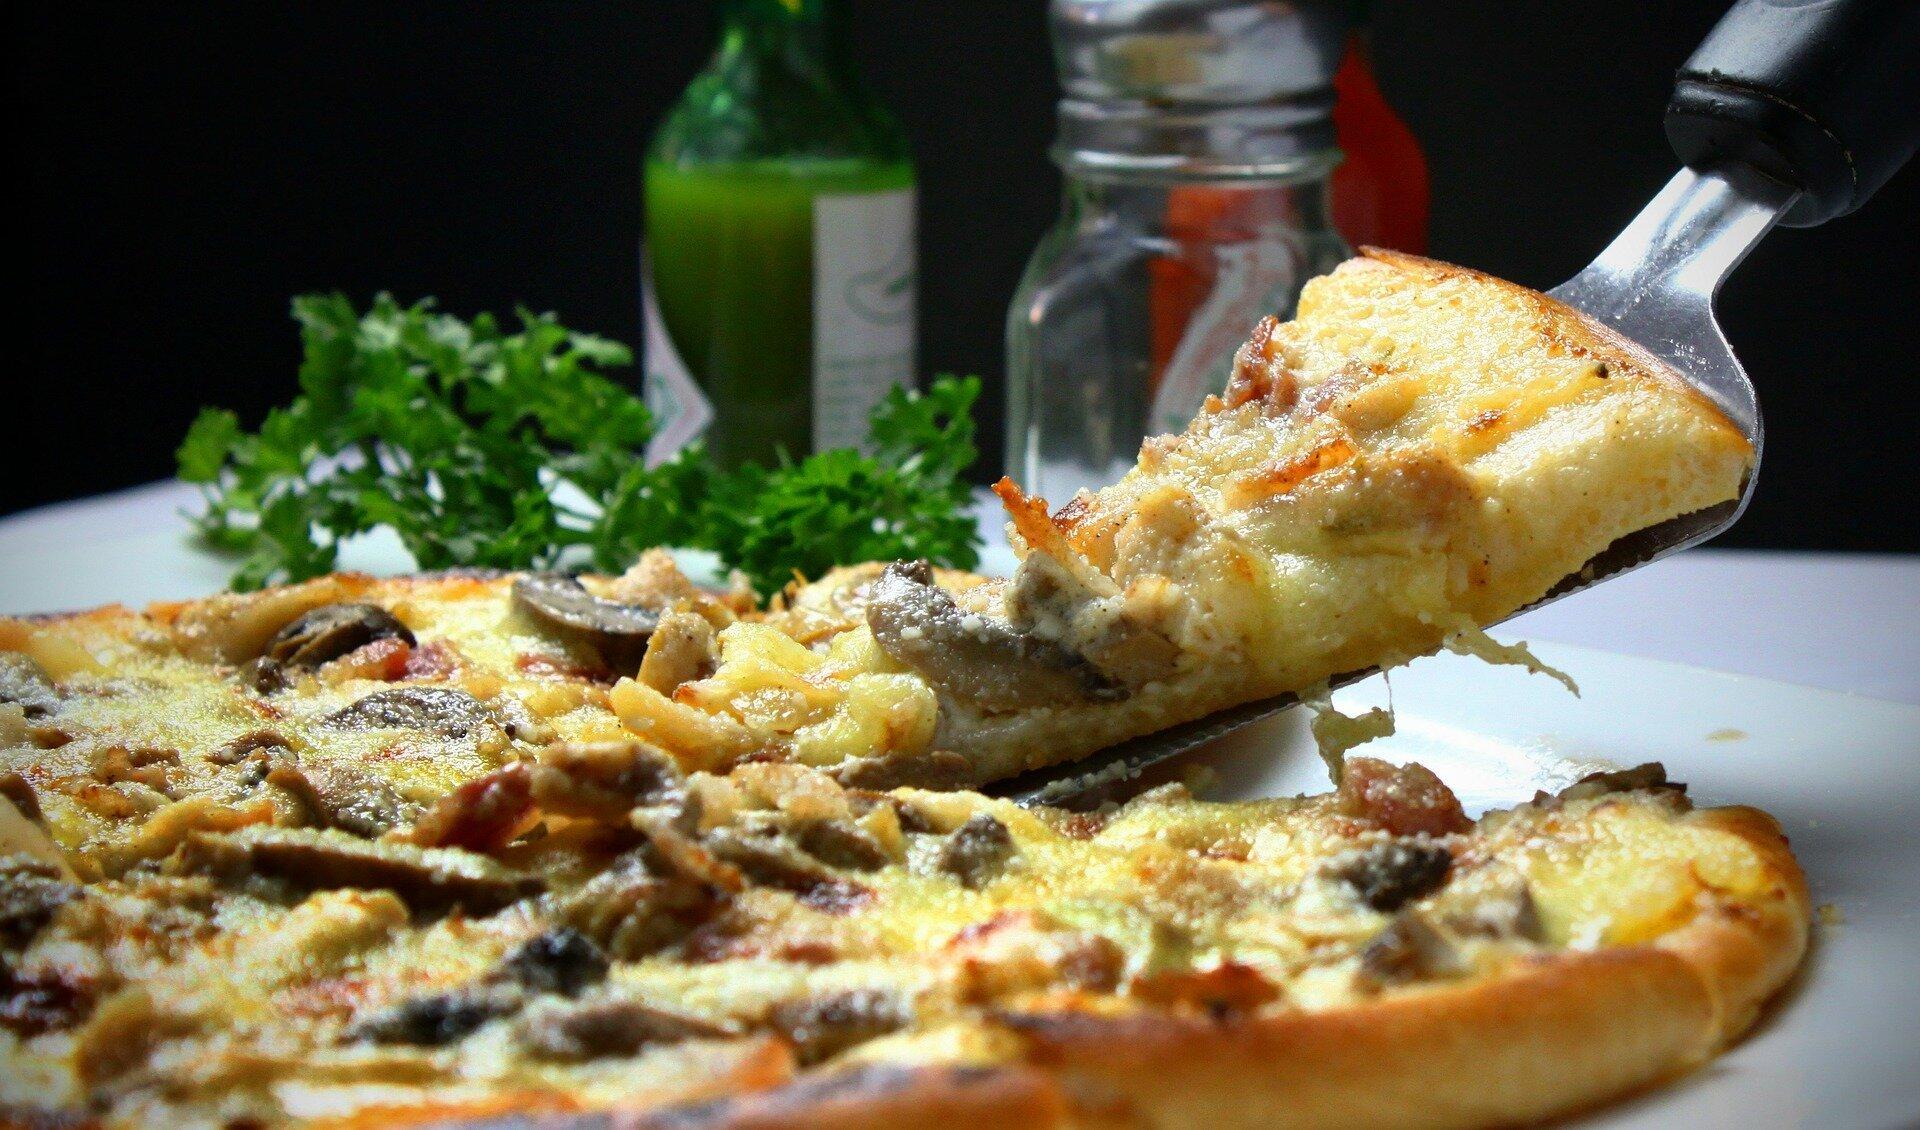 Dein Mund hilft ein Geruch von leckerem Essen